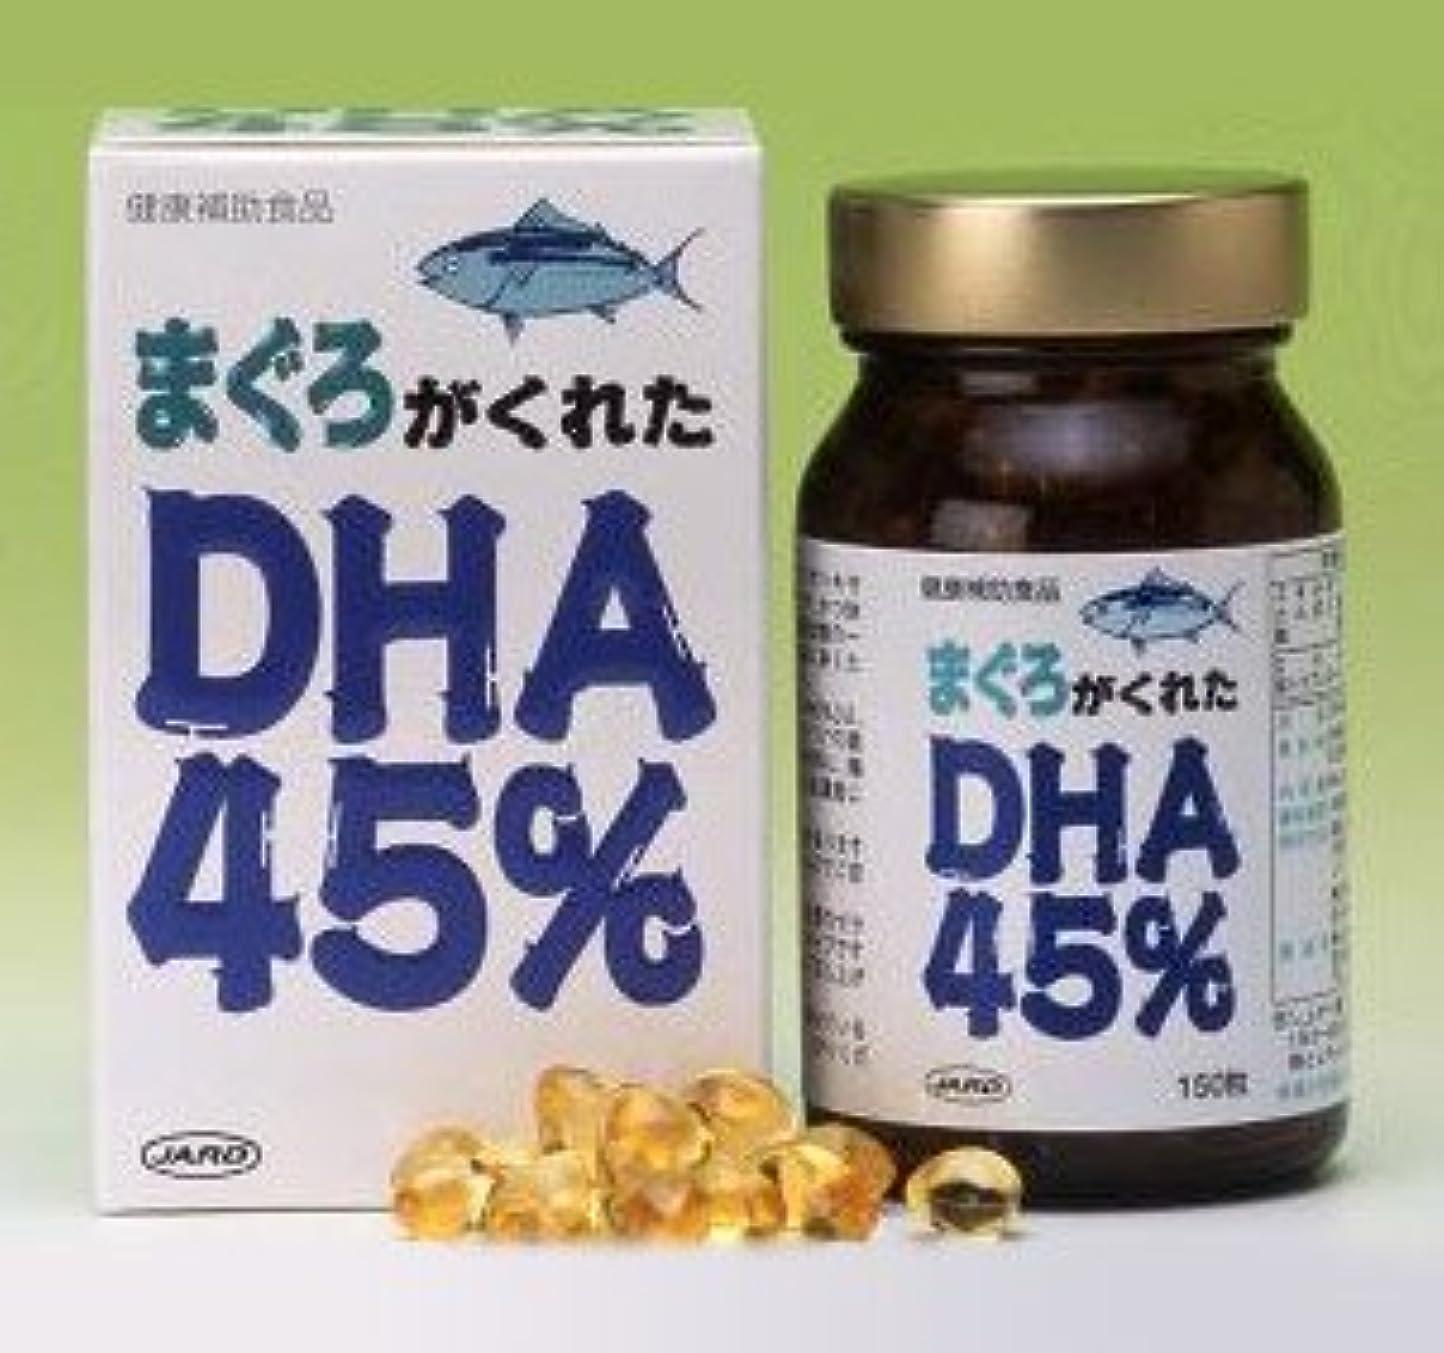 法医学プロジェクターパイルまぐろがくれたDHA45%(単品)ジャード